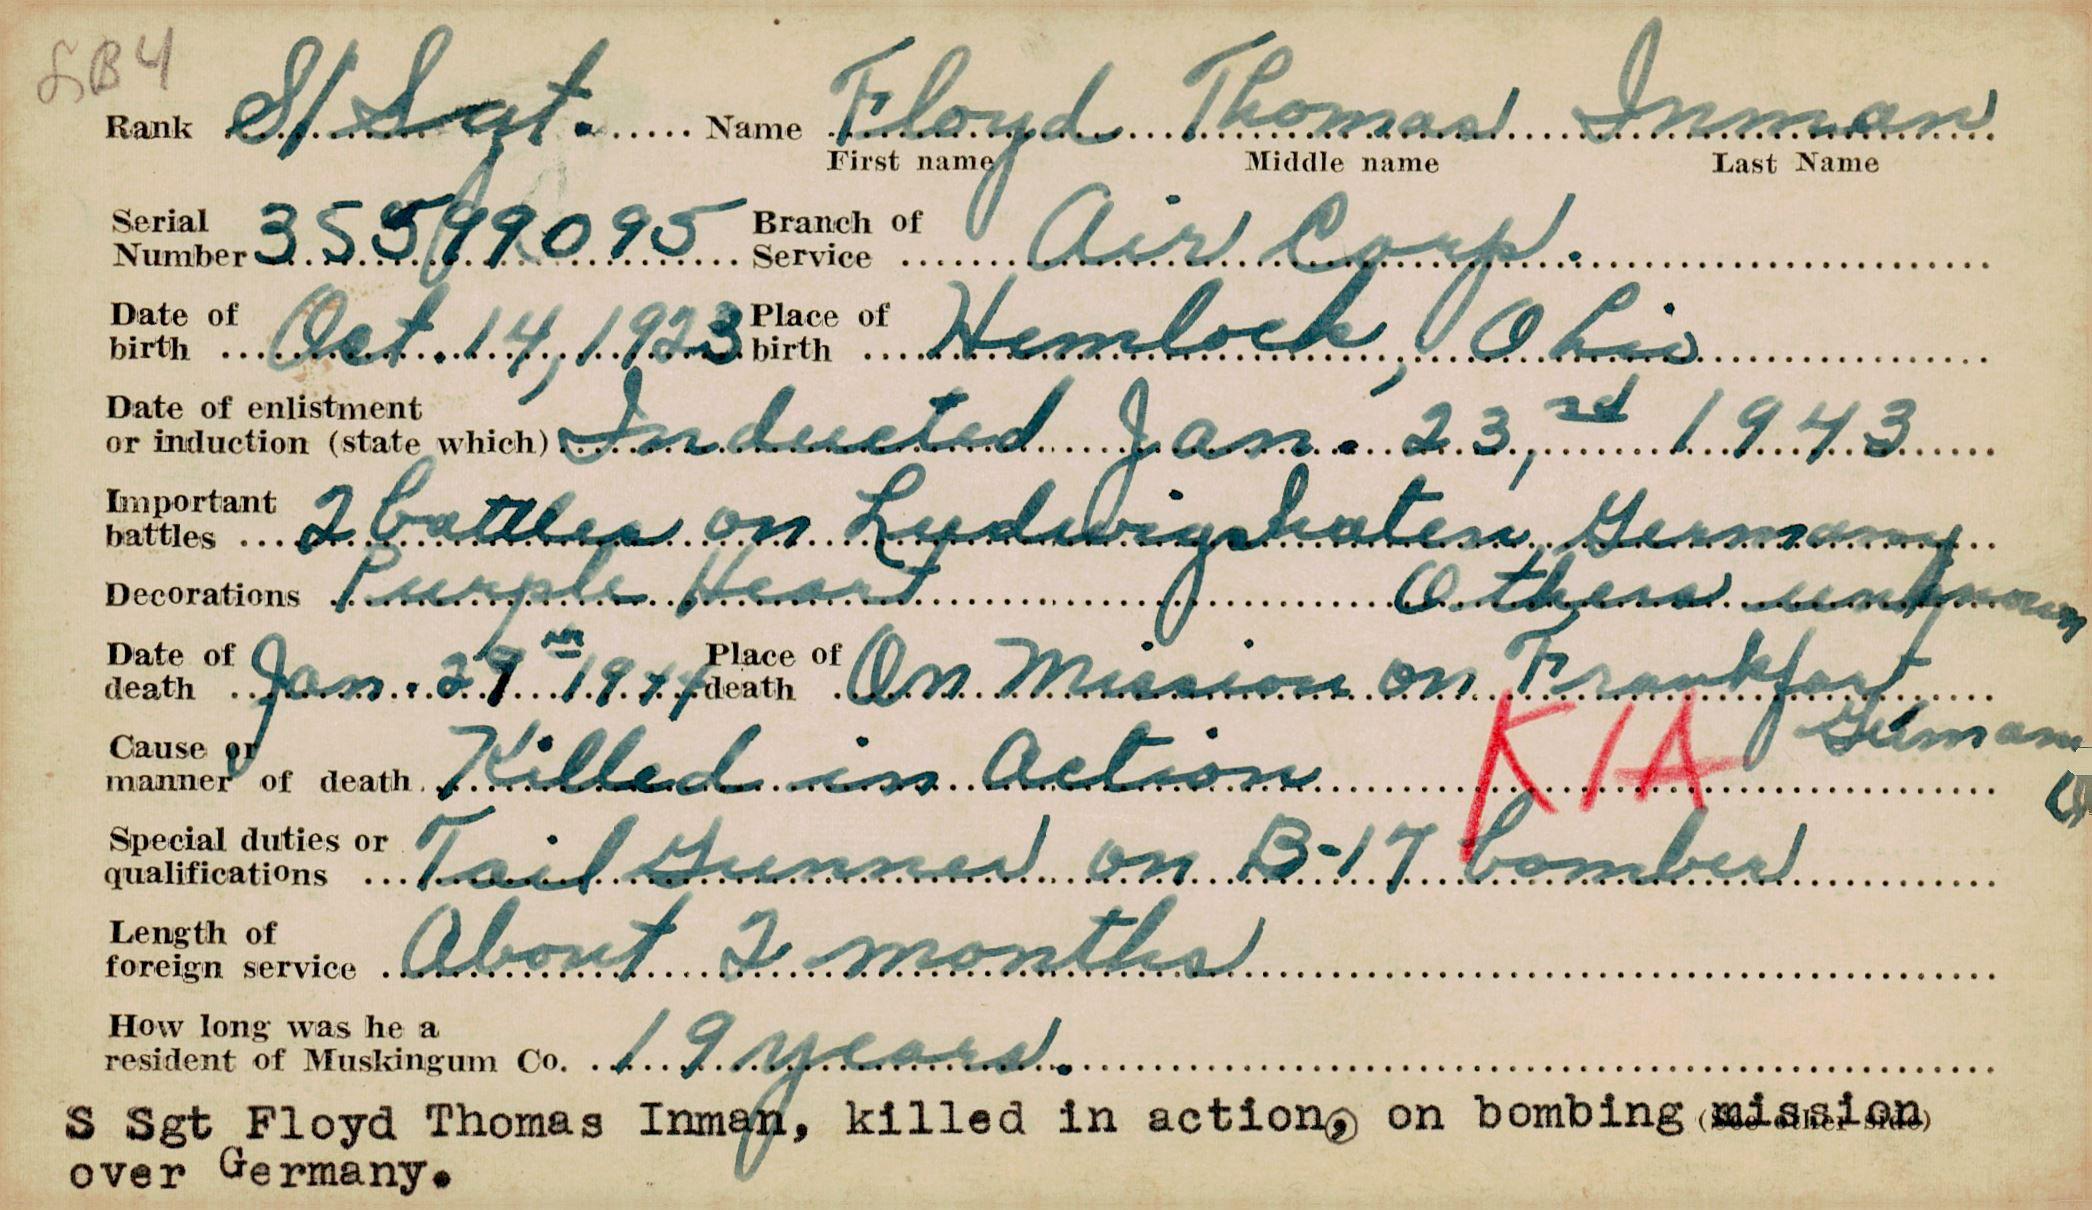 Schneider WWII Muskingum Veterans Archive – H